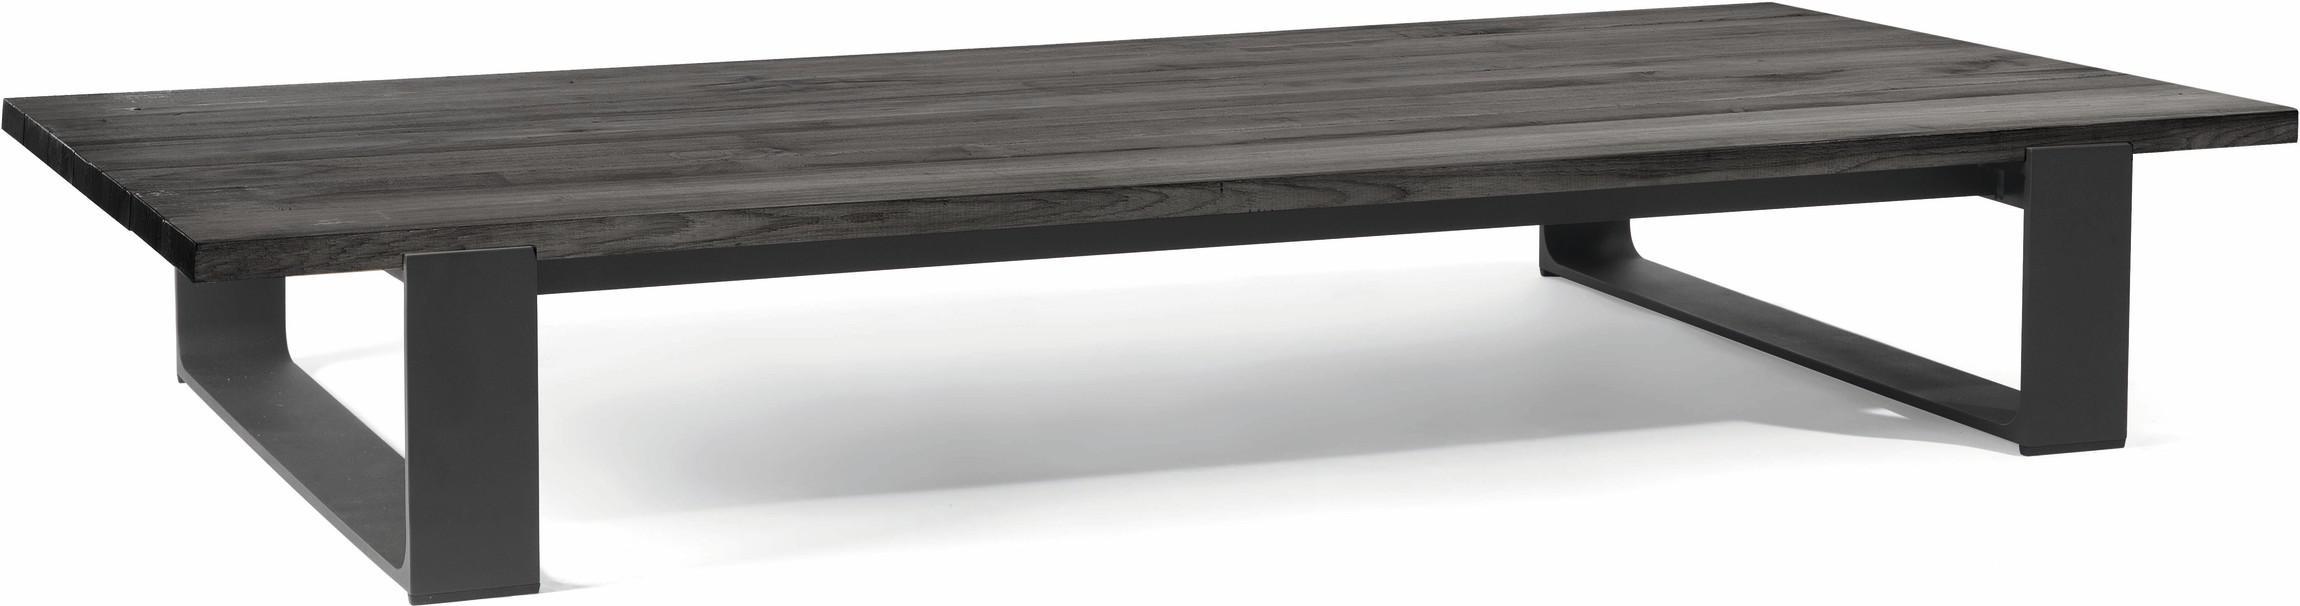 Table basse Prato - lave - Teck nero 180